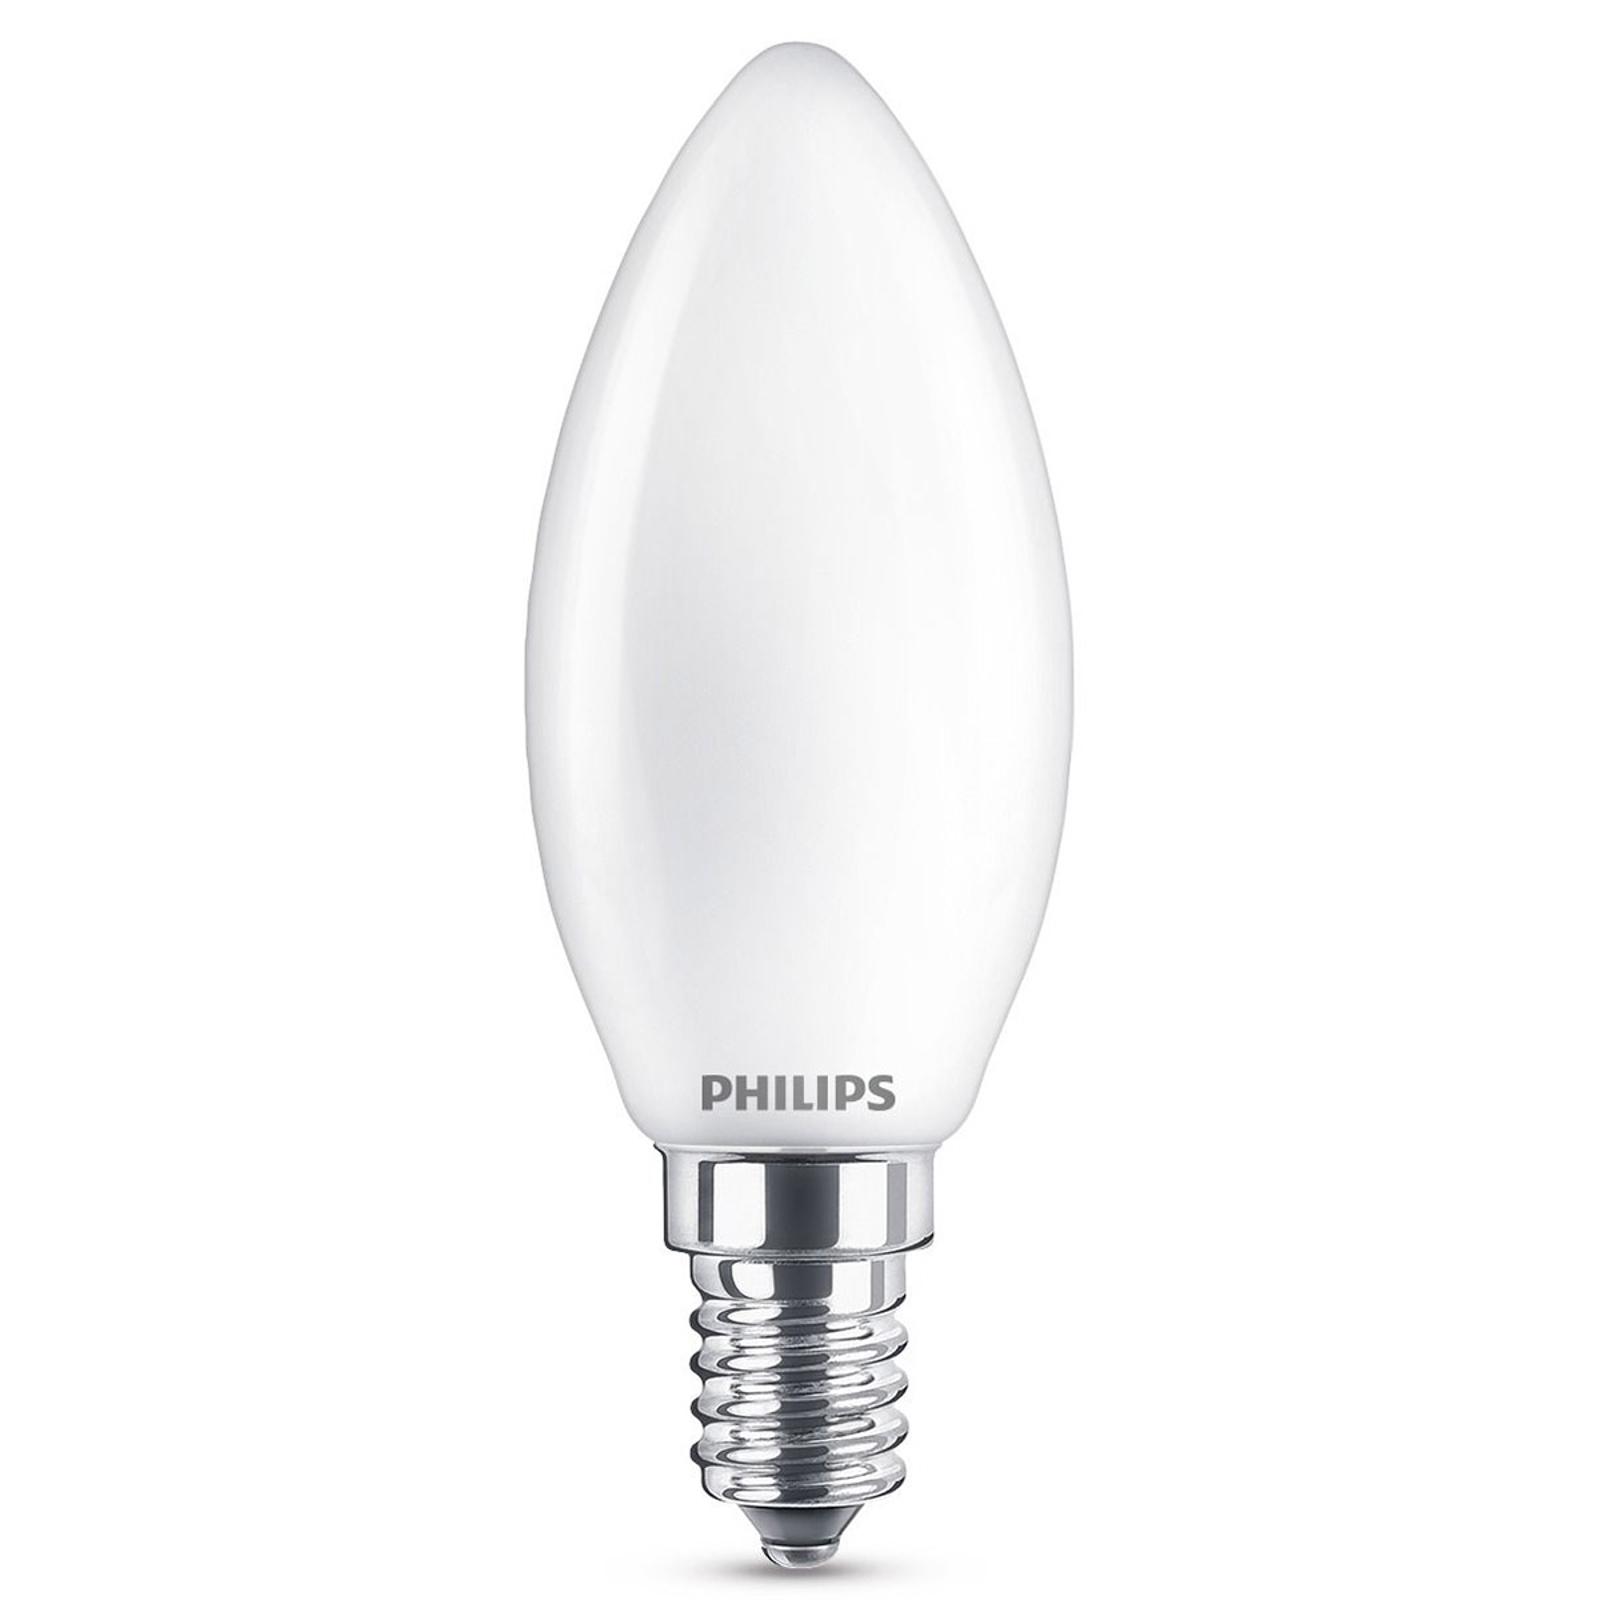 E14 2,2 W 827 żarówka świecowa LED, matowa